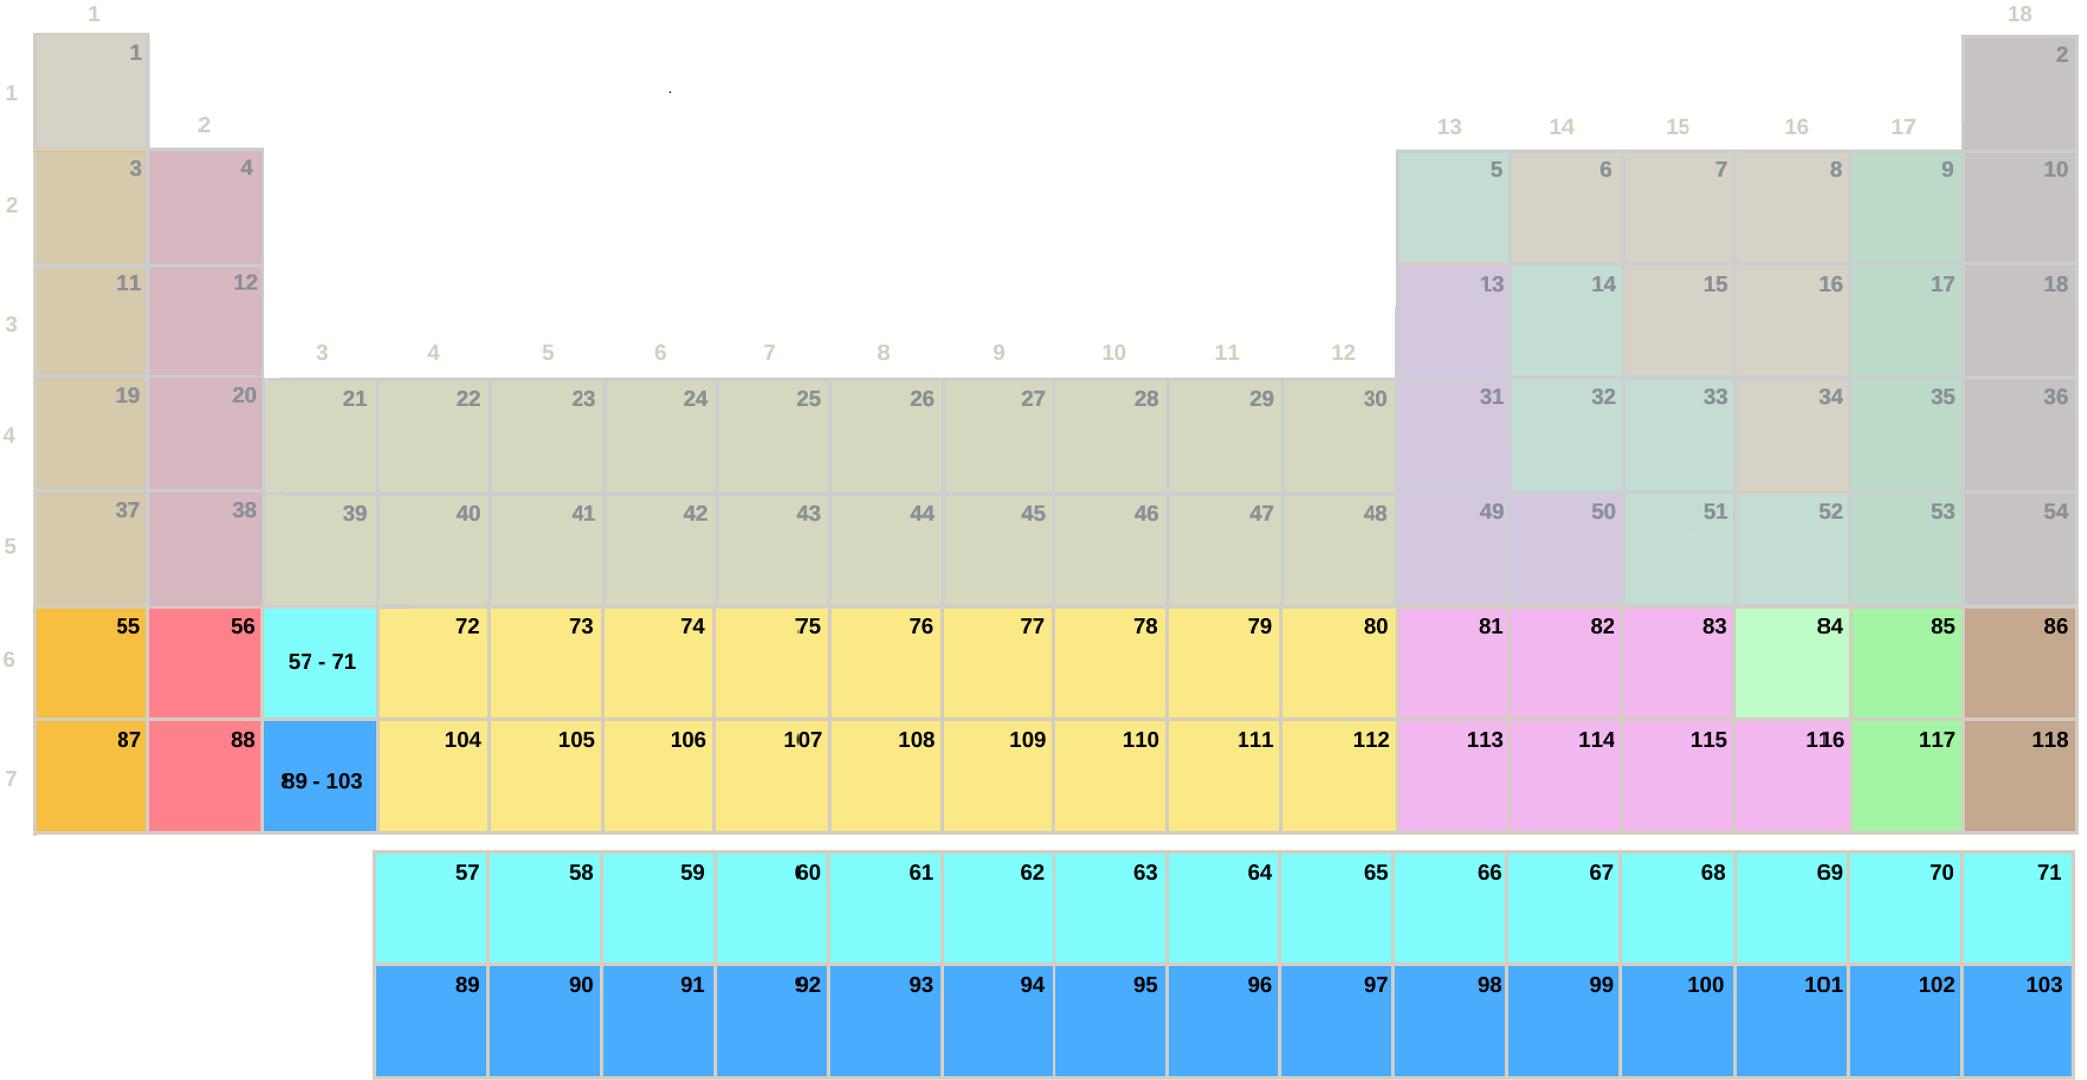 Taula periodikoa, 6. eta 7. aldiak sinbolorik gabe (Bigarren Hezkuntza - Batxilergoa)